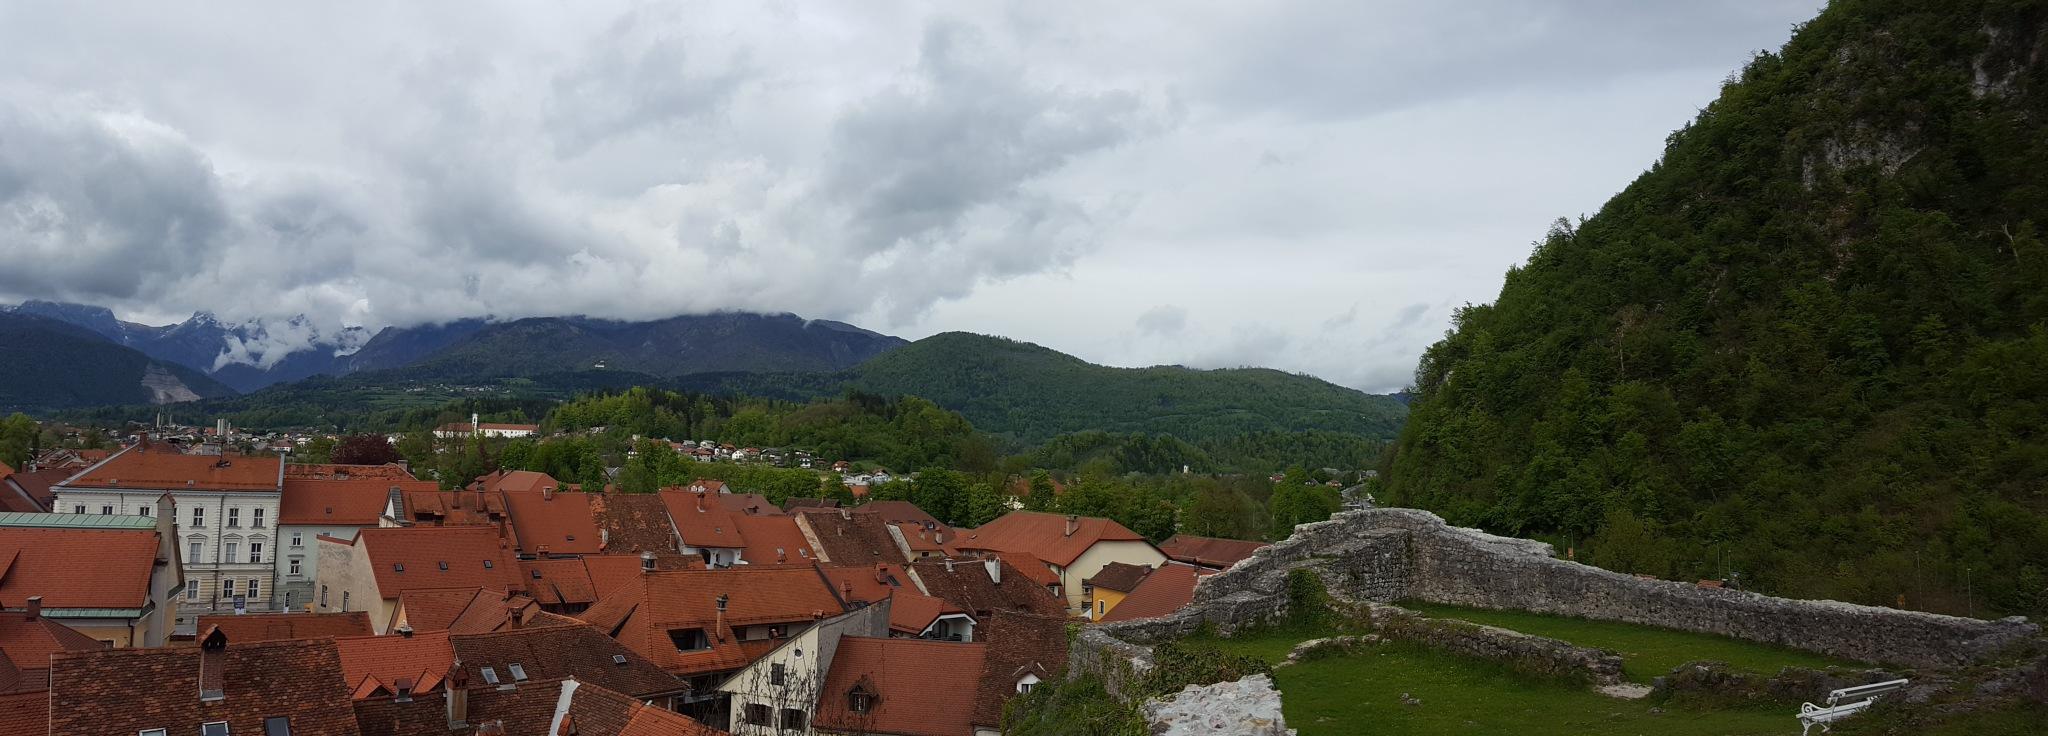 Kamnik - Gorenjska (2) by zvnktomasevic